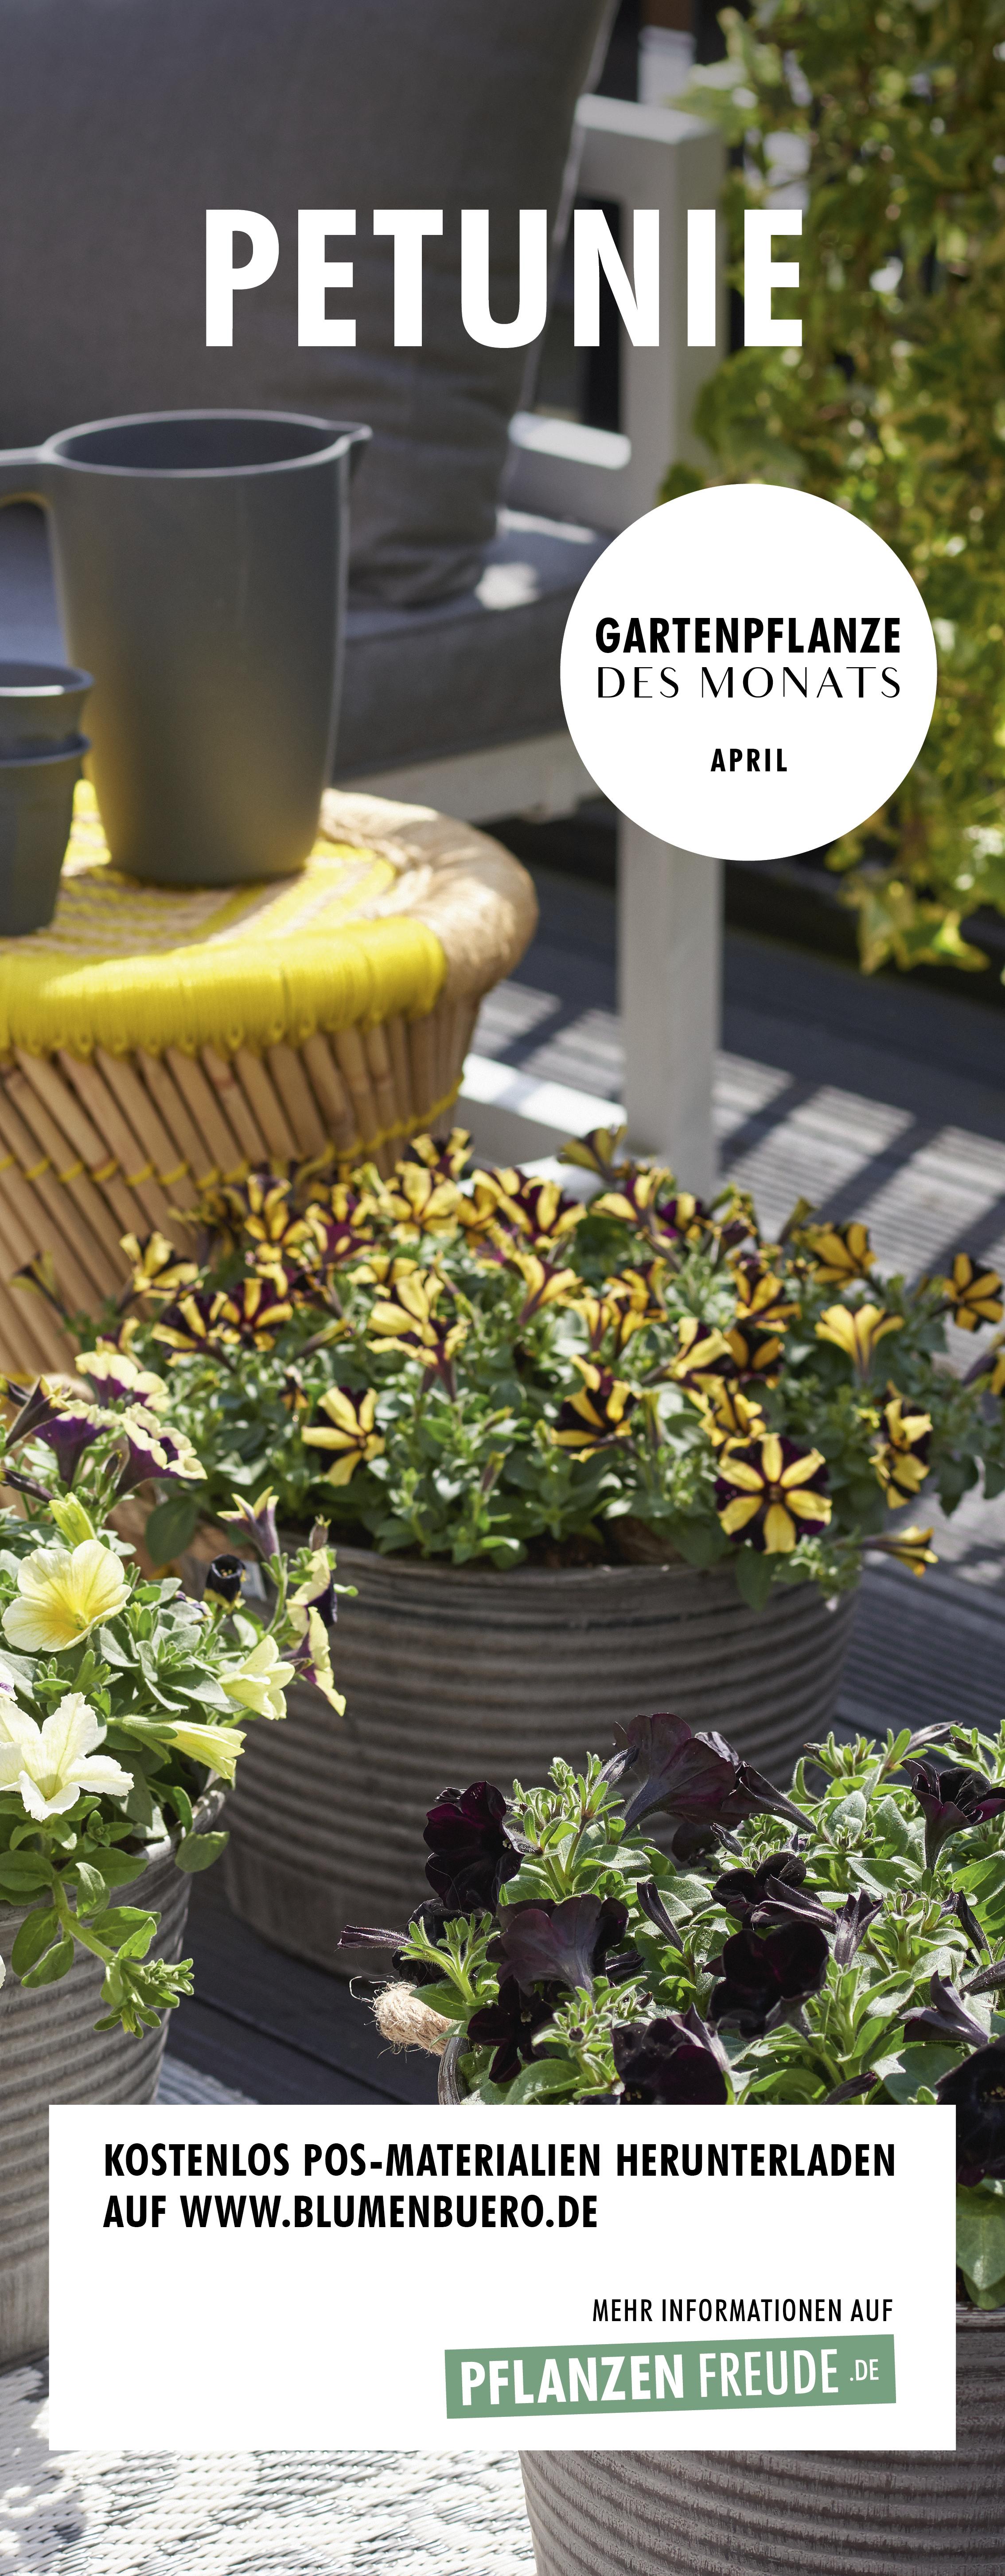 Gartenpflanze des Monats April : Die Petunie